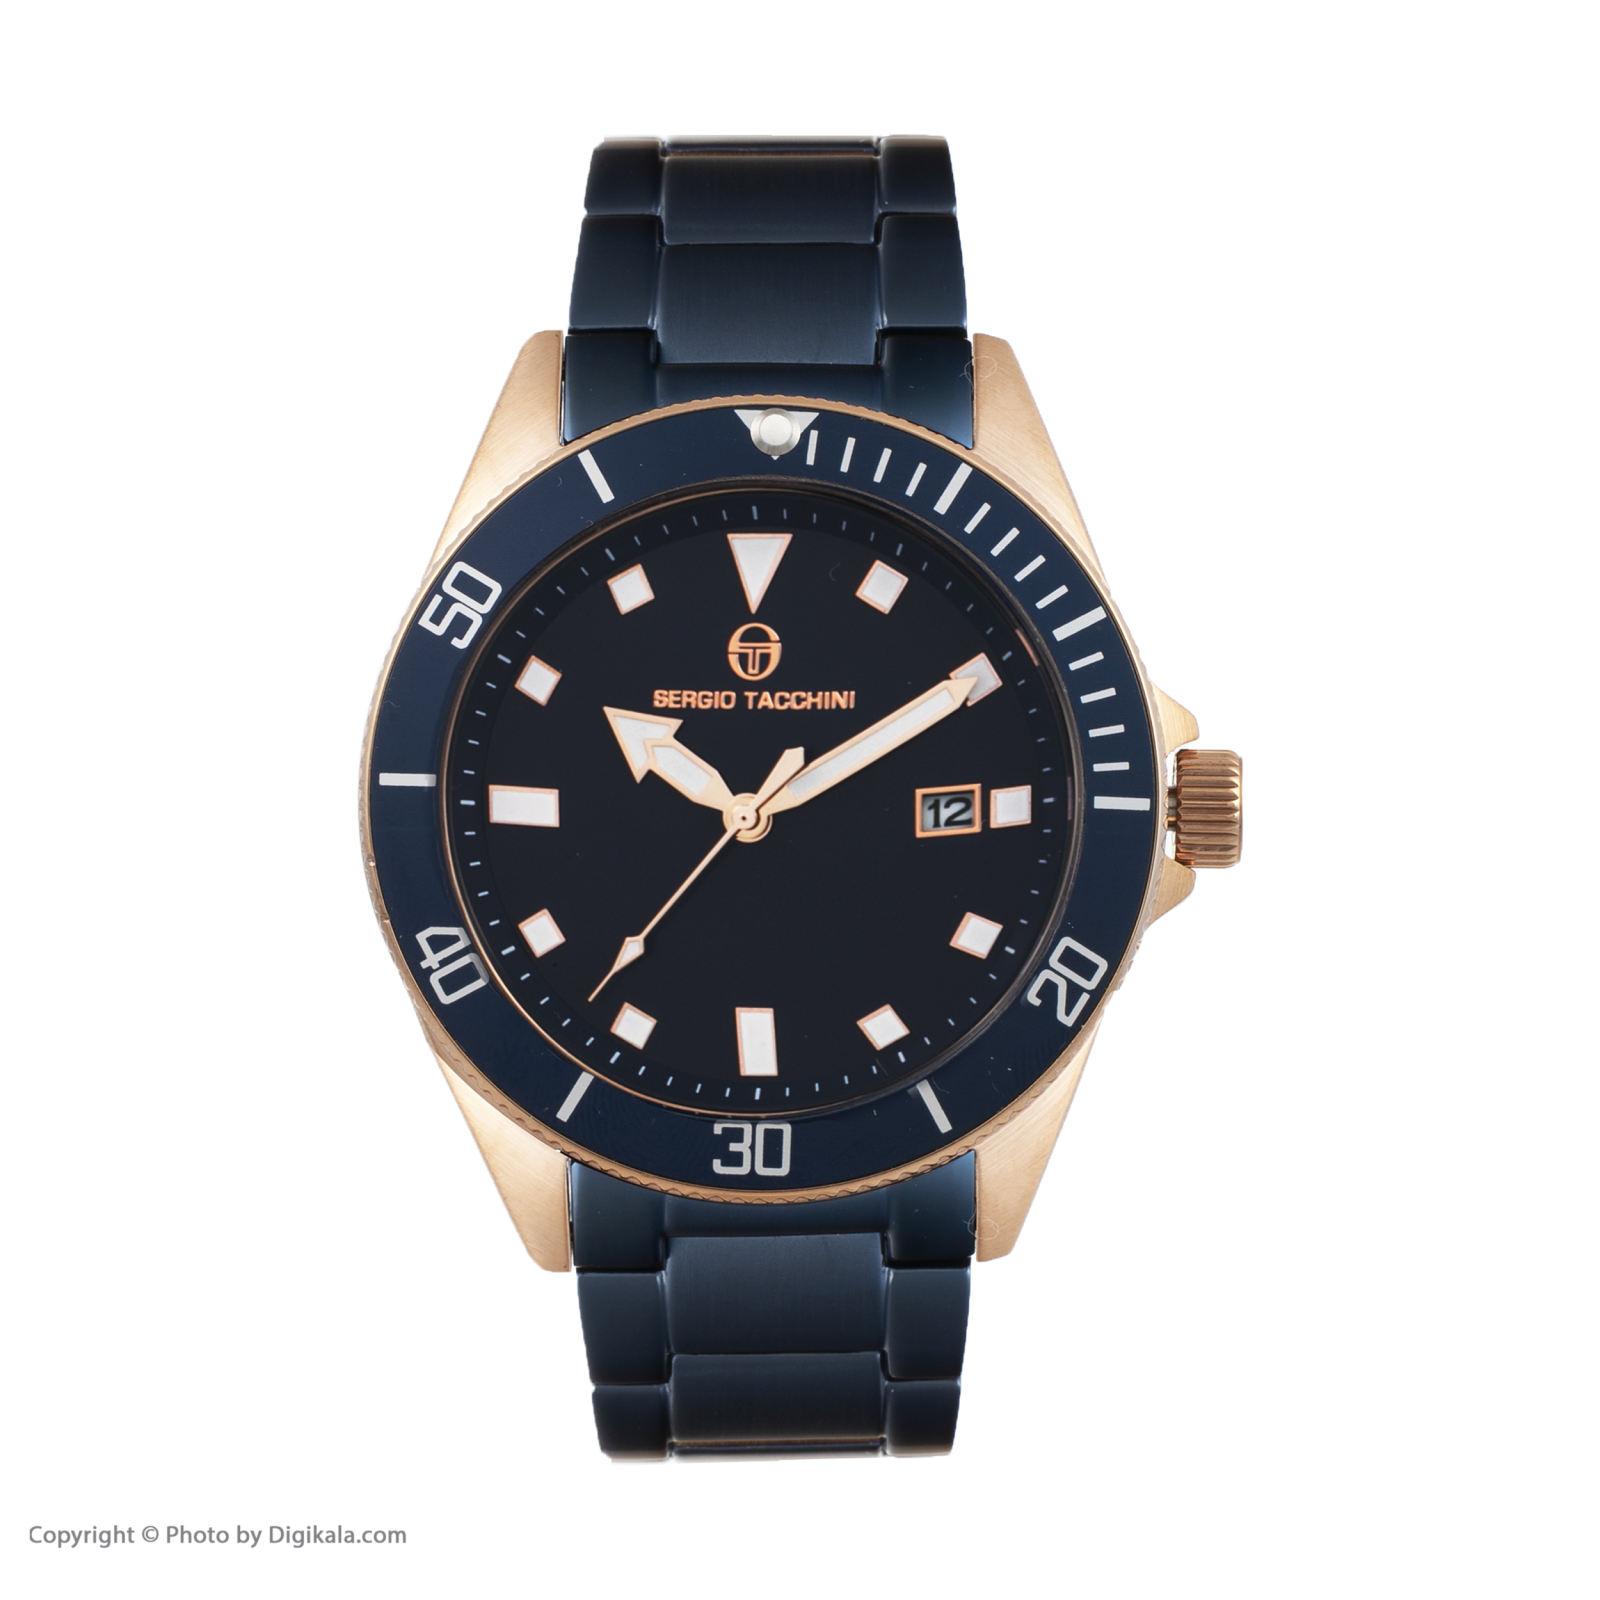 ساعت مچی عقربه ای مردانه سرجیو تاچینی مدل ST.8.132.06 -  - 1